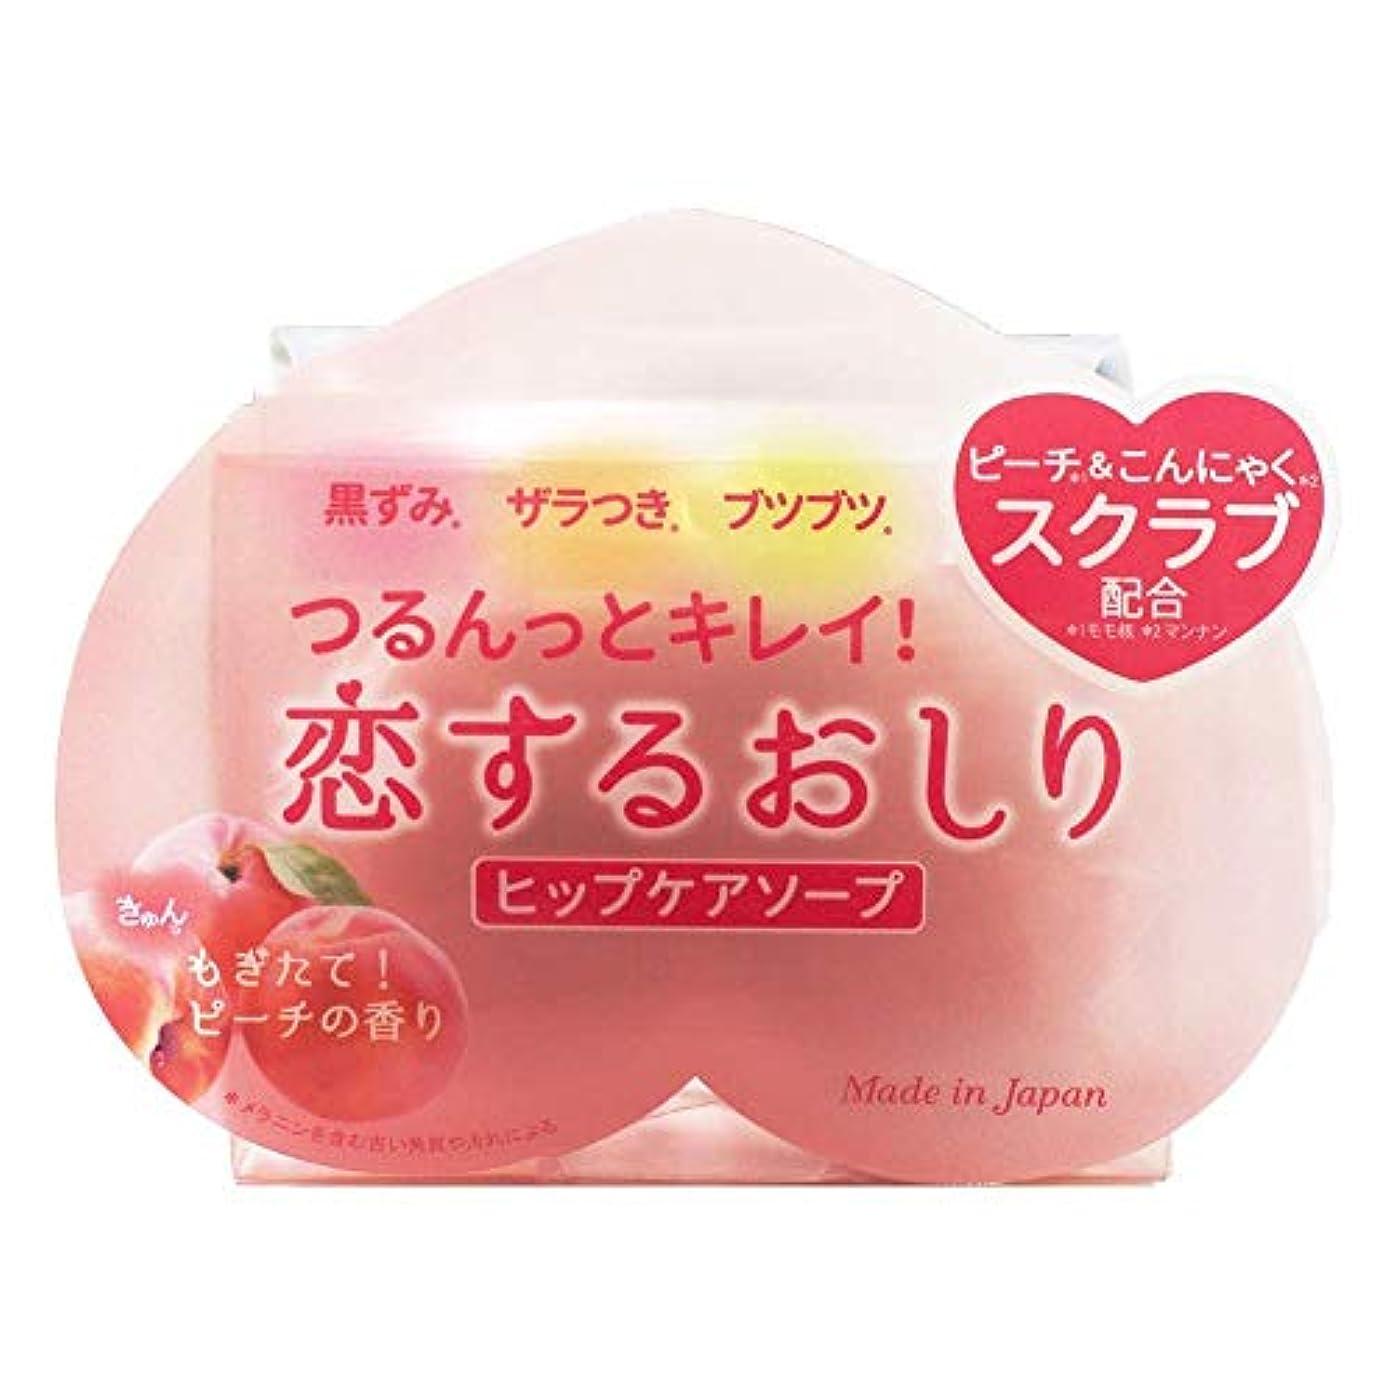 【まとめ買い】ペリカン石鹸 恋するおしり ヒップケアソープ 80g×3個